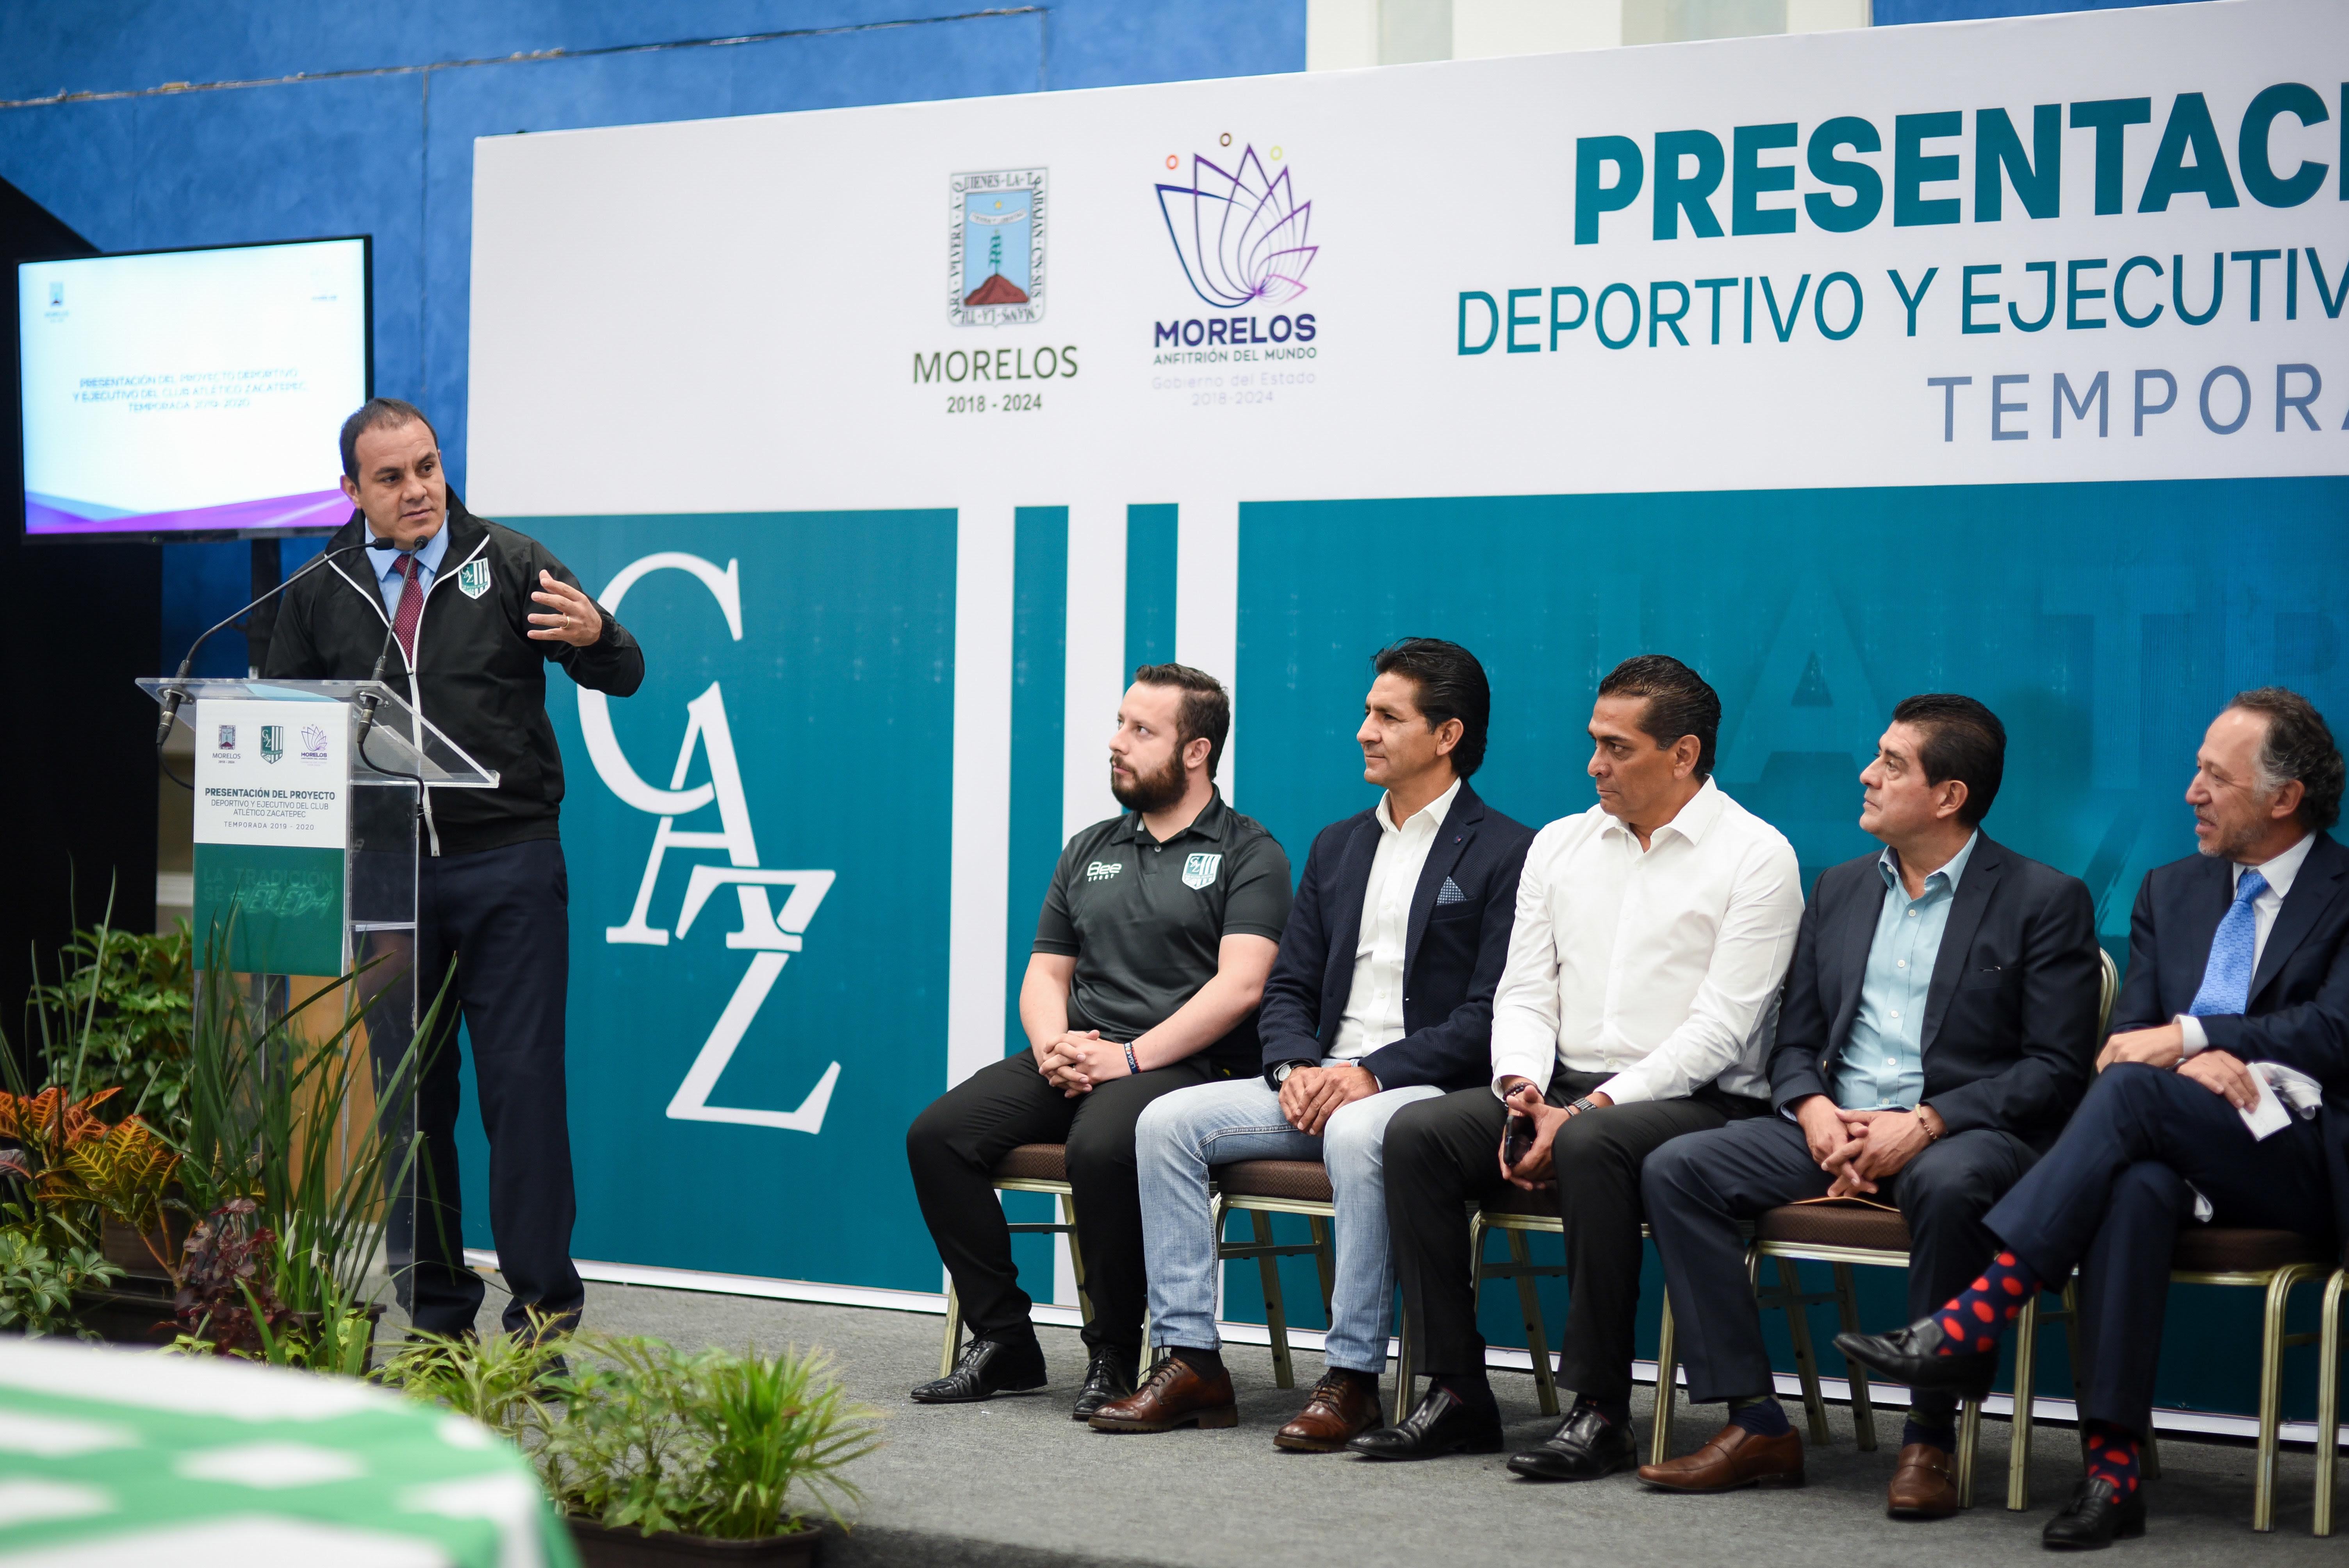 Presentan Proyecto Deportivo Y Ejecutivo Del Club Atletico Zacatepec Temporada 2019 2020 Zona Centro Noticias